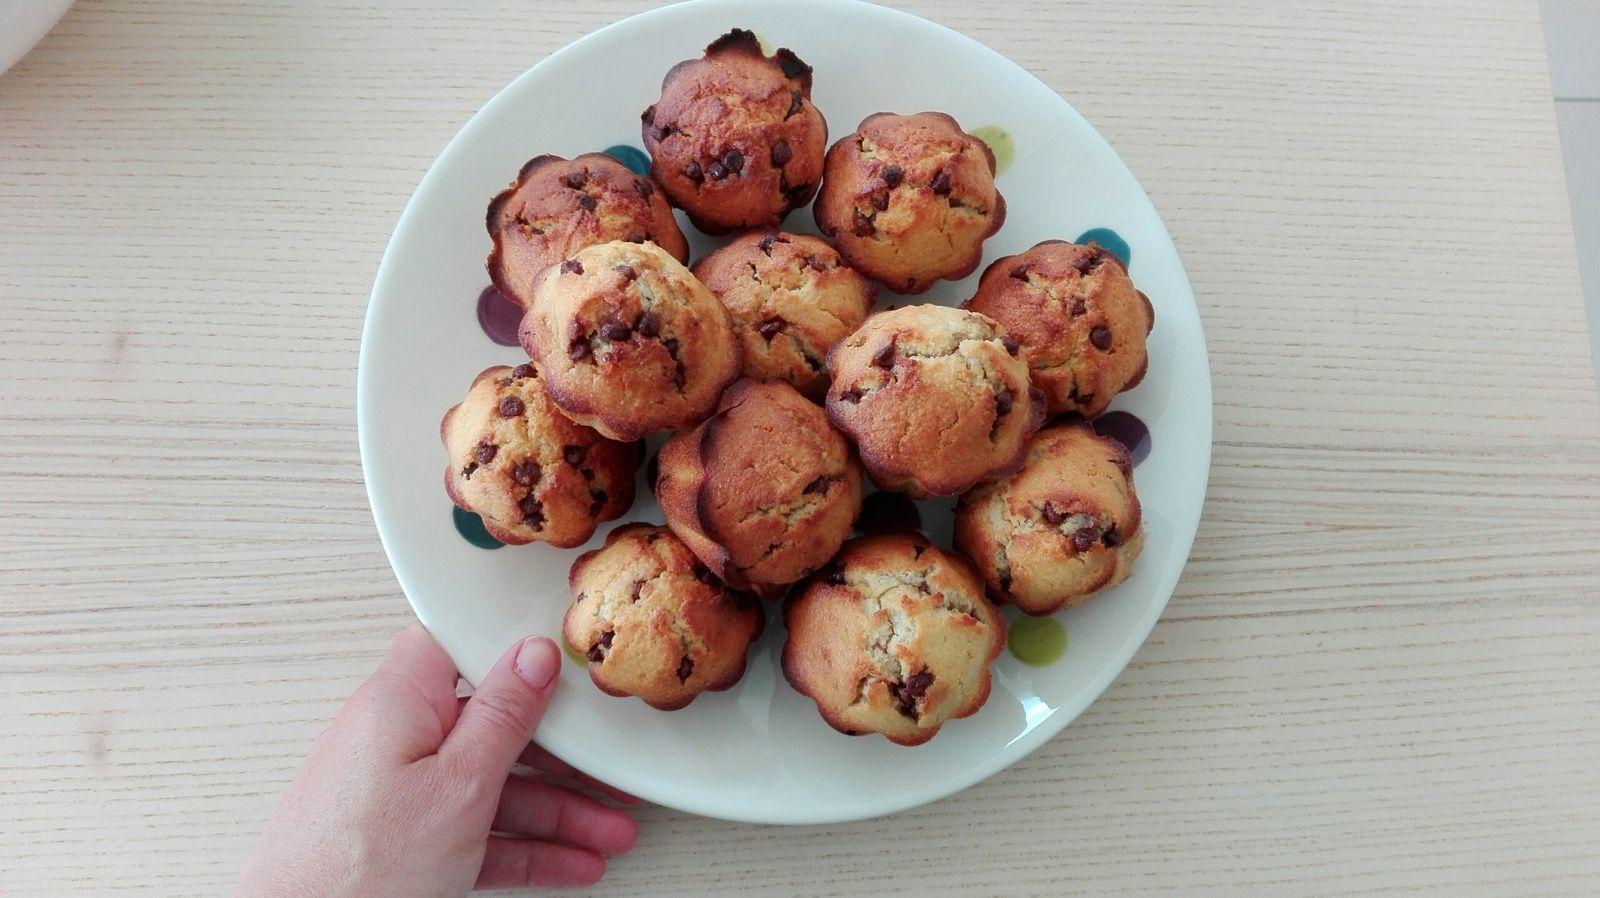 Pâtisserie round 1 : muffins aux pépites de chocolat